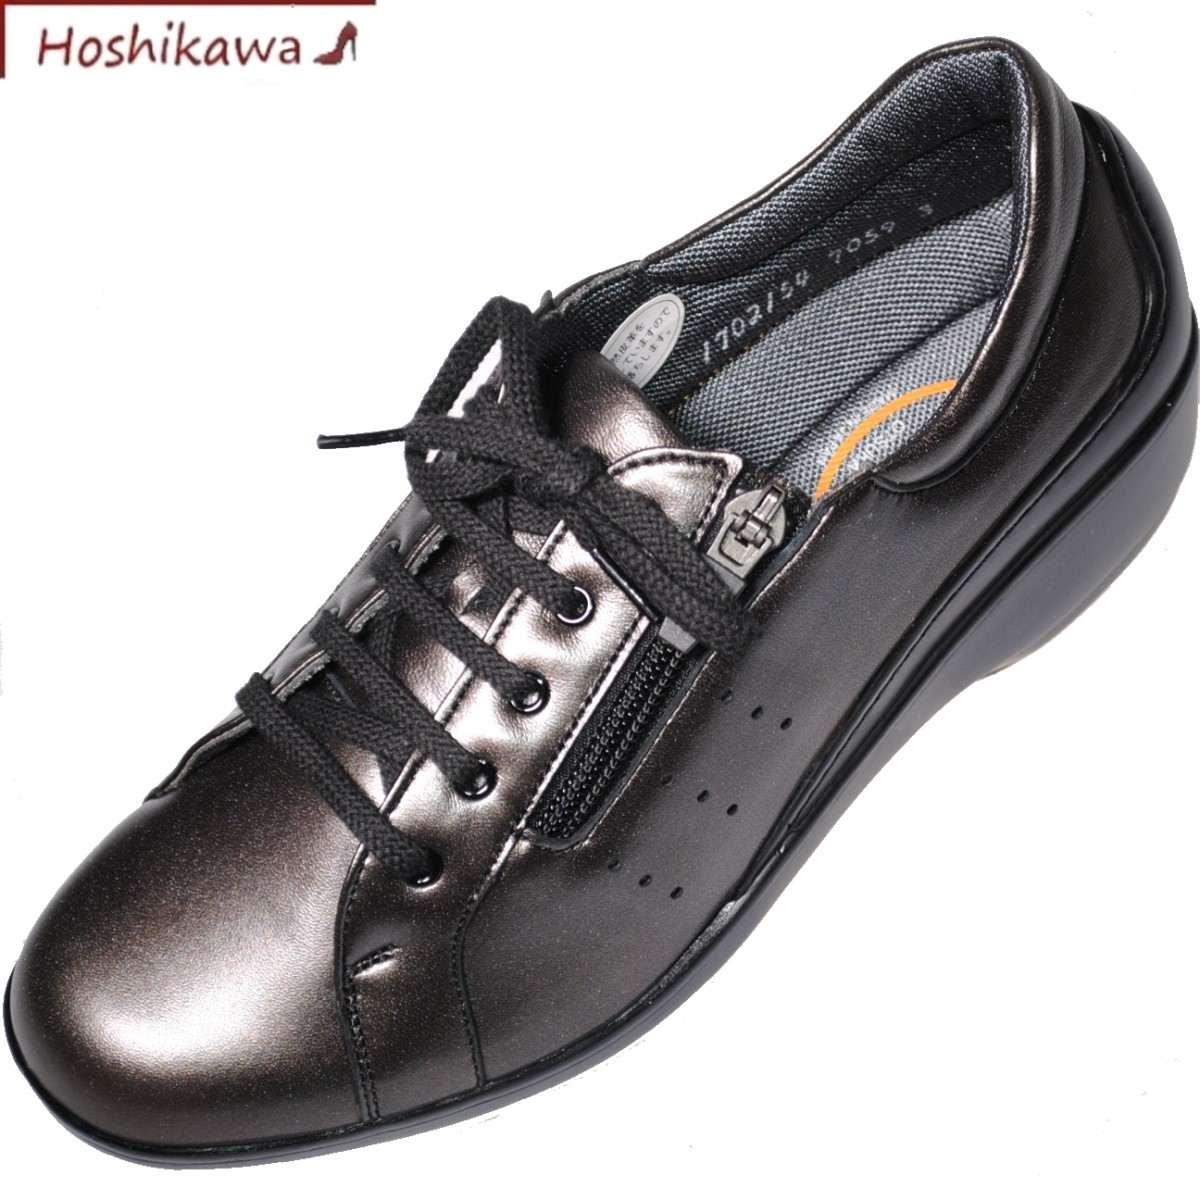 【靴のHOSHIKAWA】 『BON STEP 7059』22cm~24.5cm コンフォートシューズ